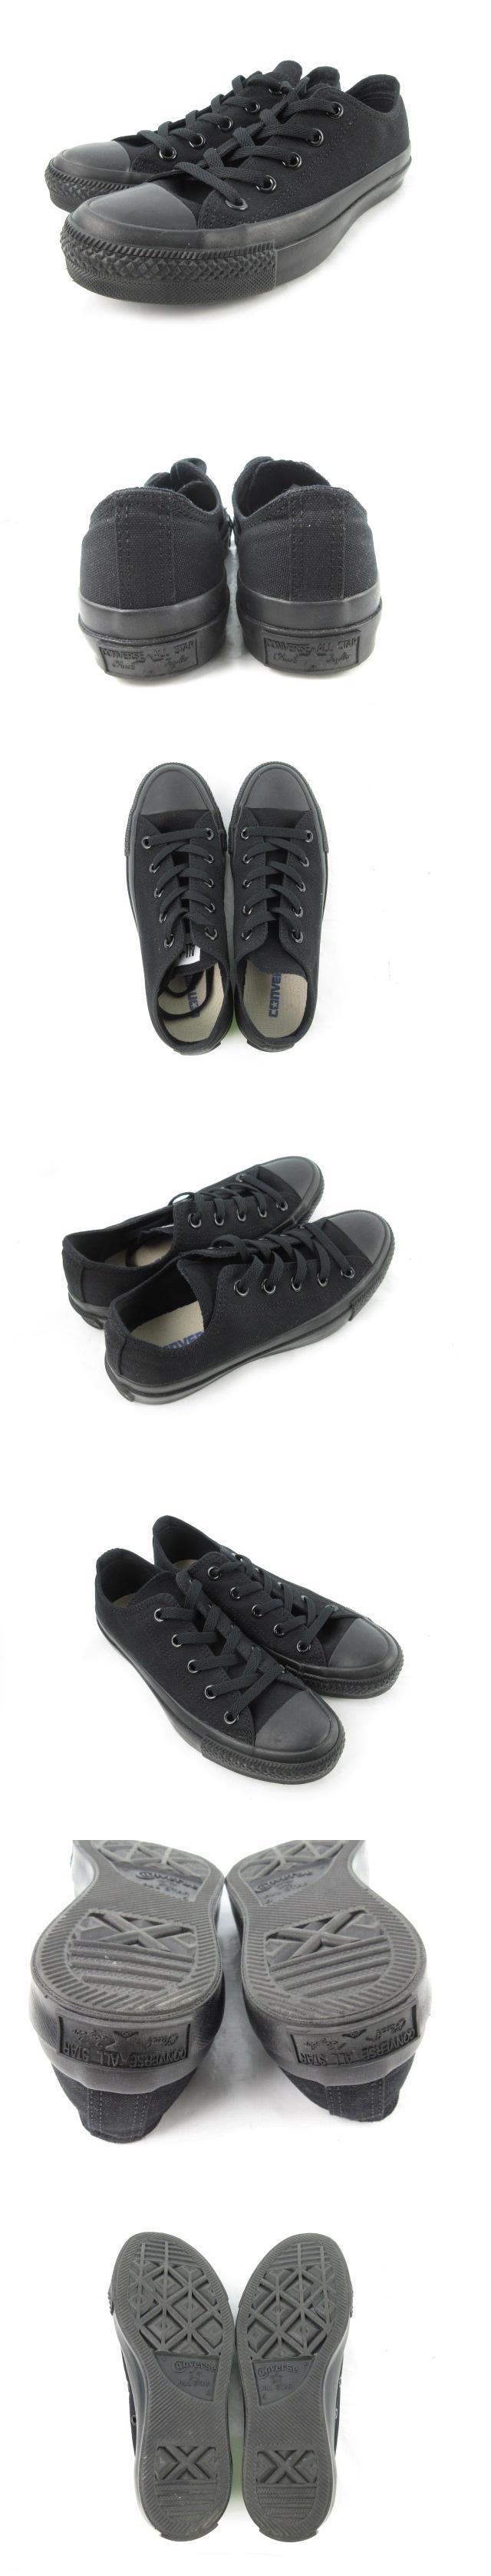 スニーカー シューズ ALL STAR オールスター ローカット LOW キャンバス 黒 ブラック US4 23cm 靴 美品